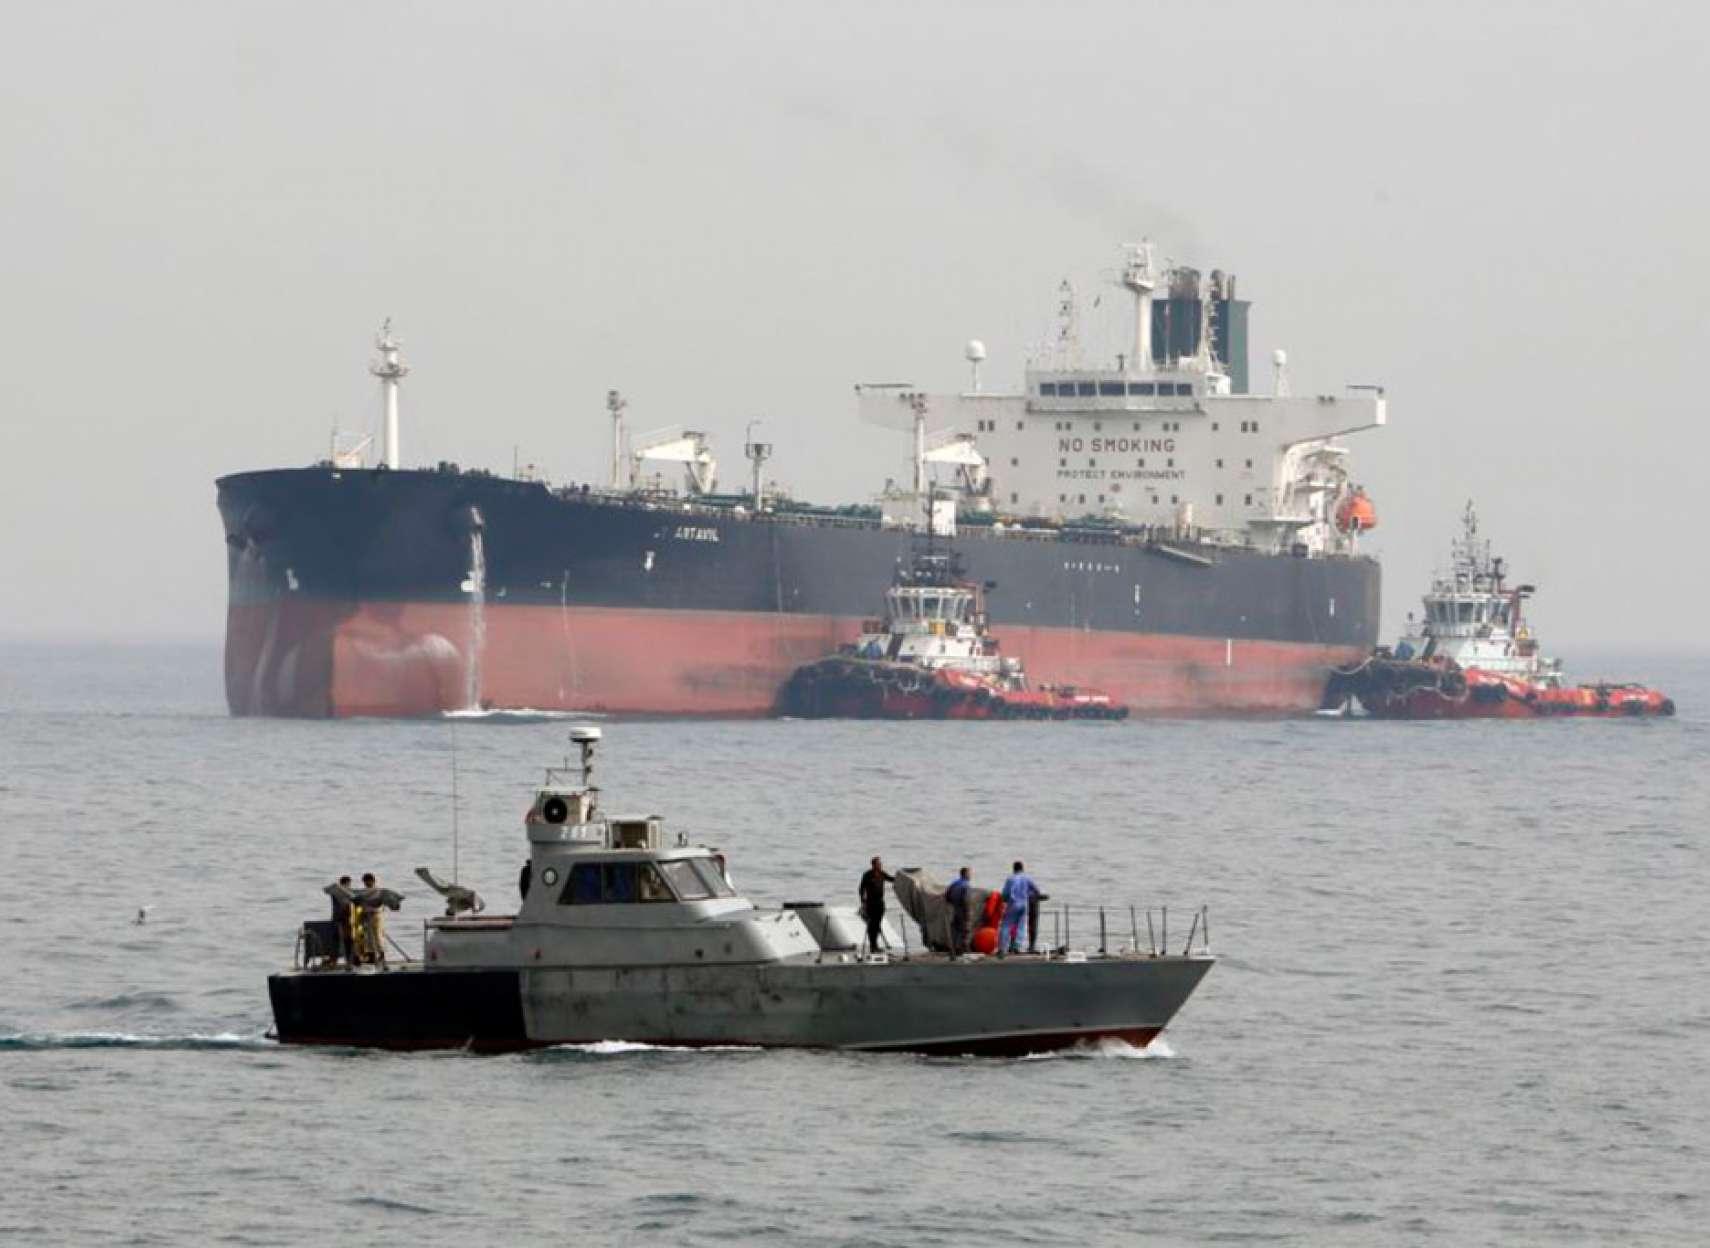 اقتصاد-تنباکویی-سقوط-صادرات-نفت-ایران-به-۱۰۰-هزار-بشکه-در-روز